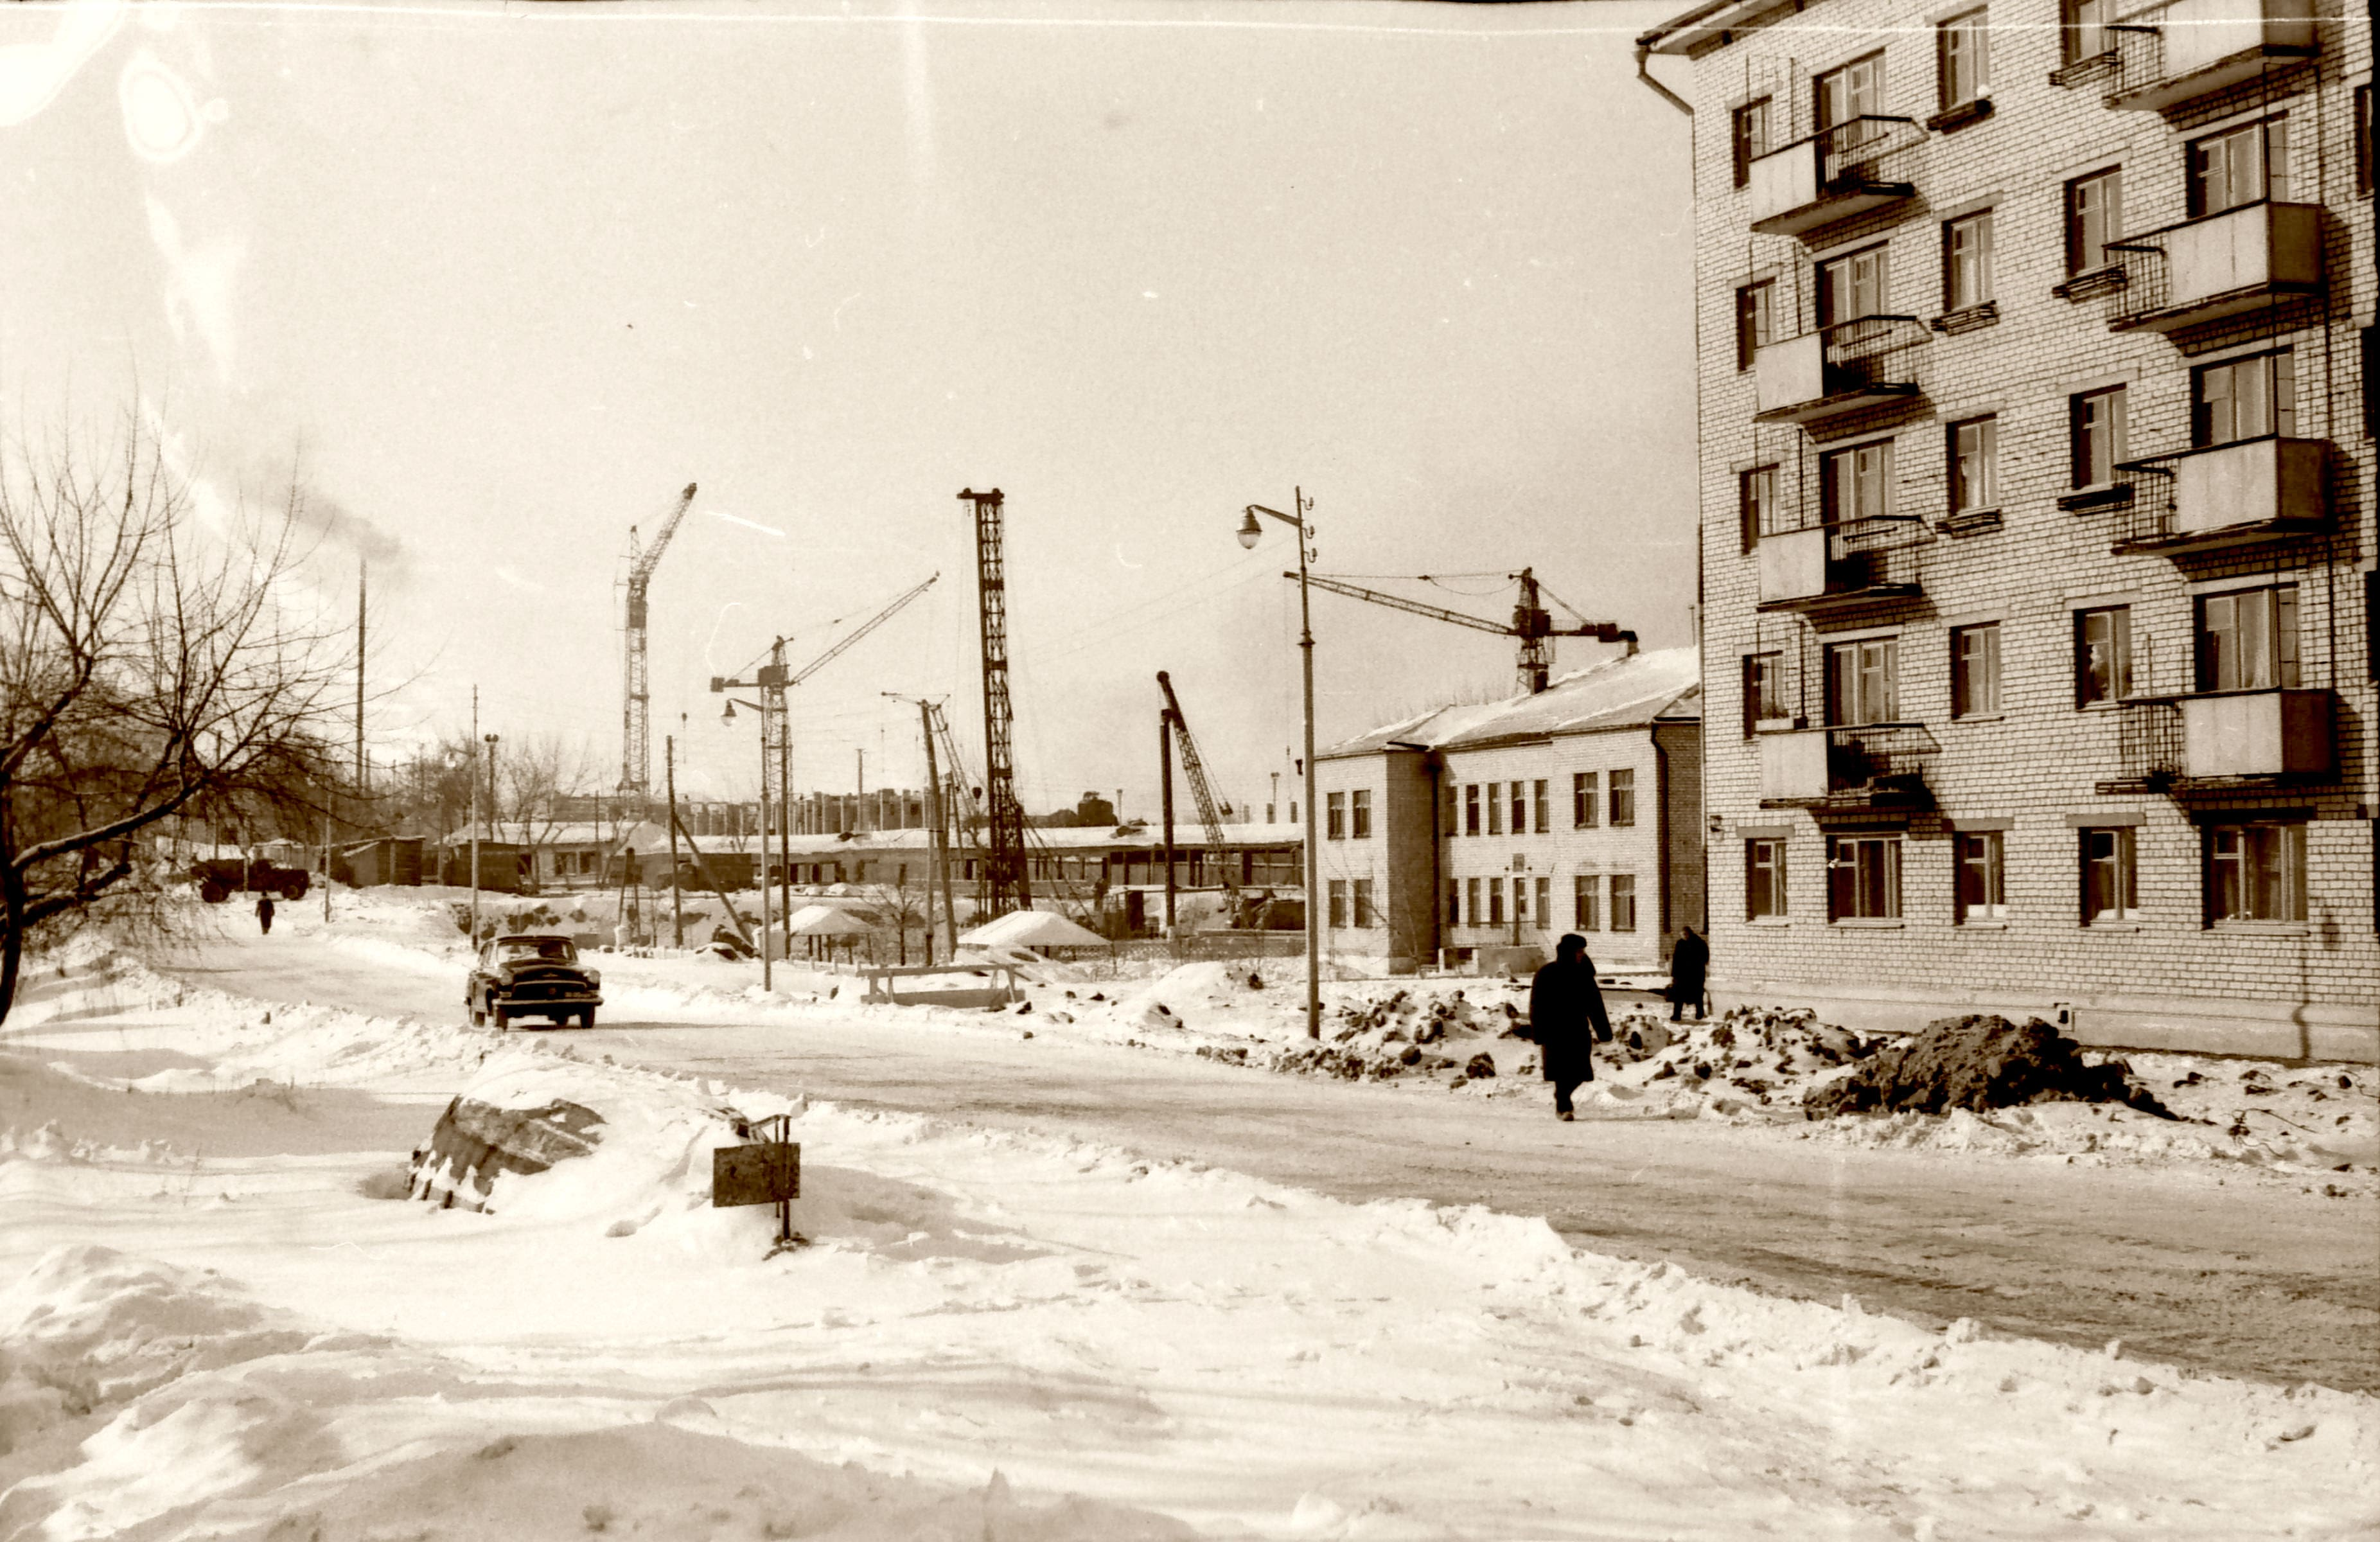 Строительство дворца спорта. Декабрь 1965